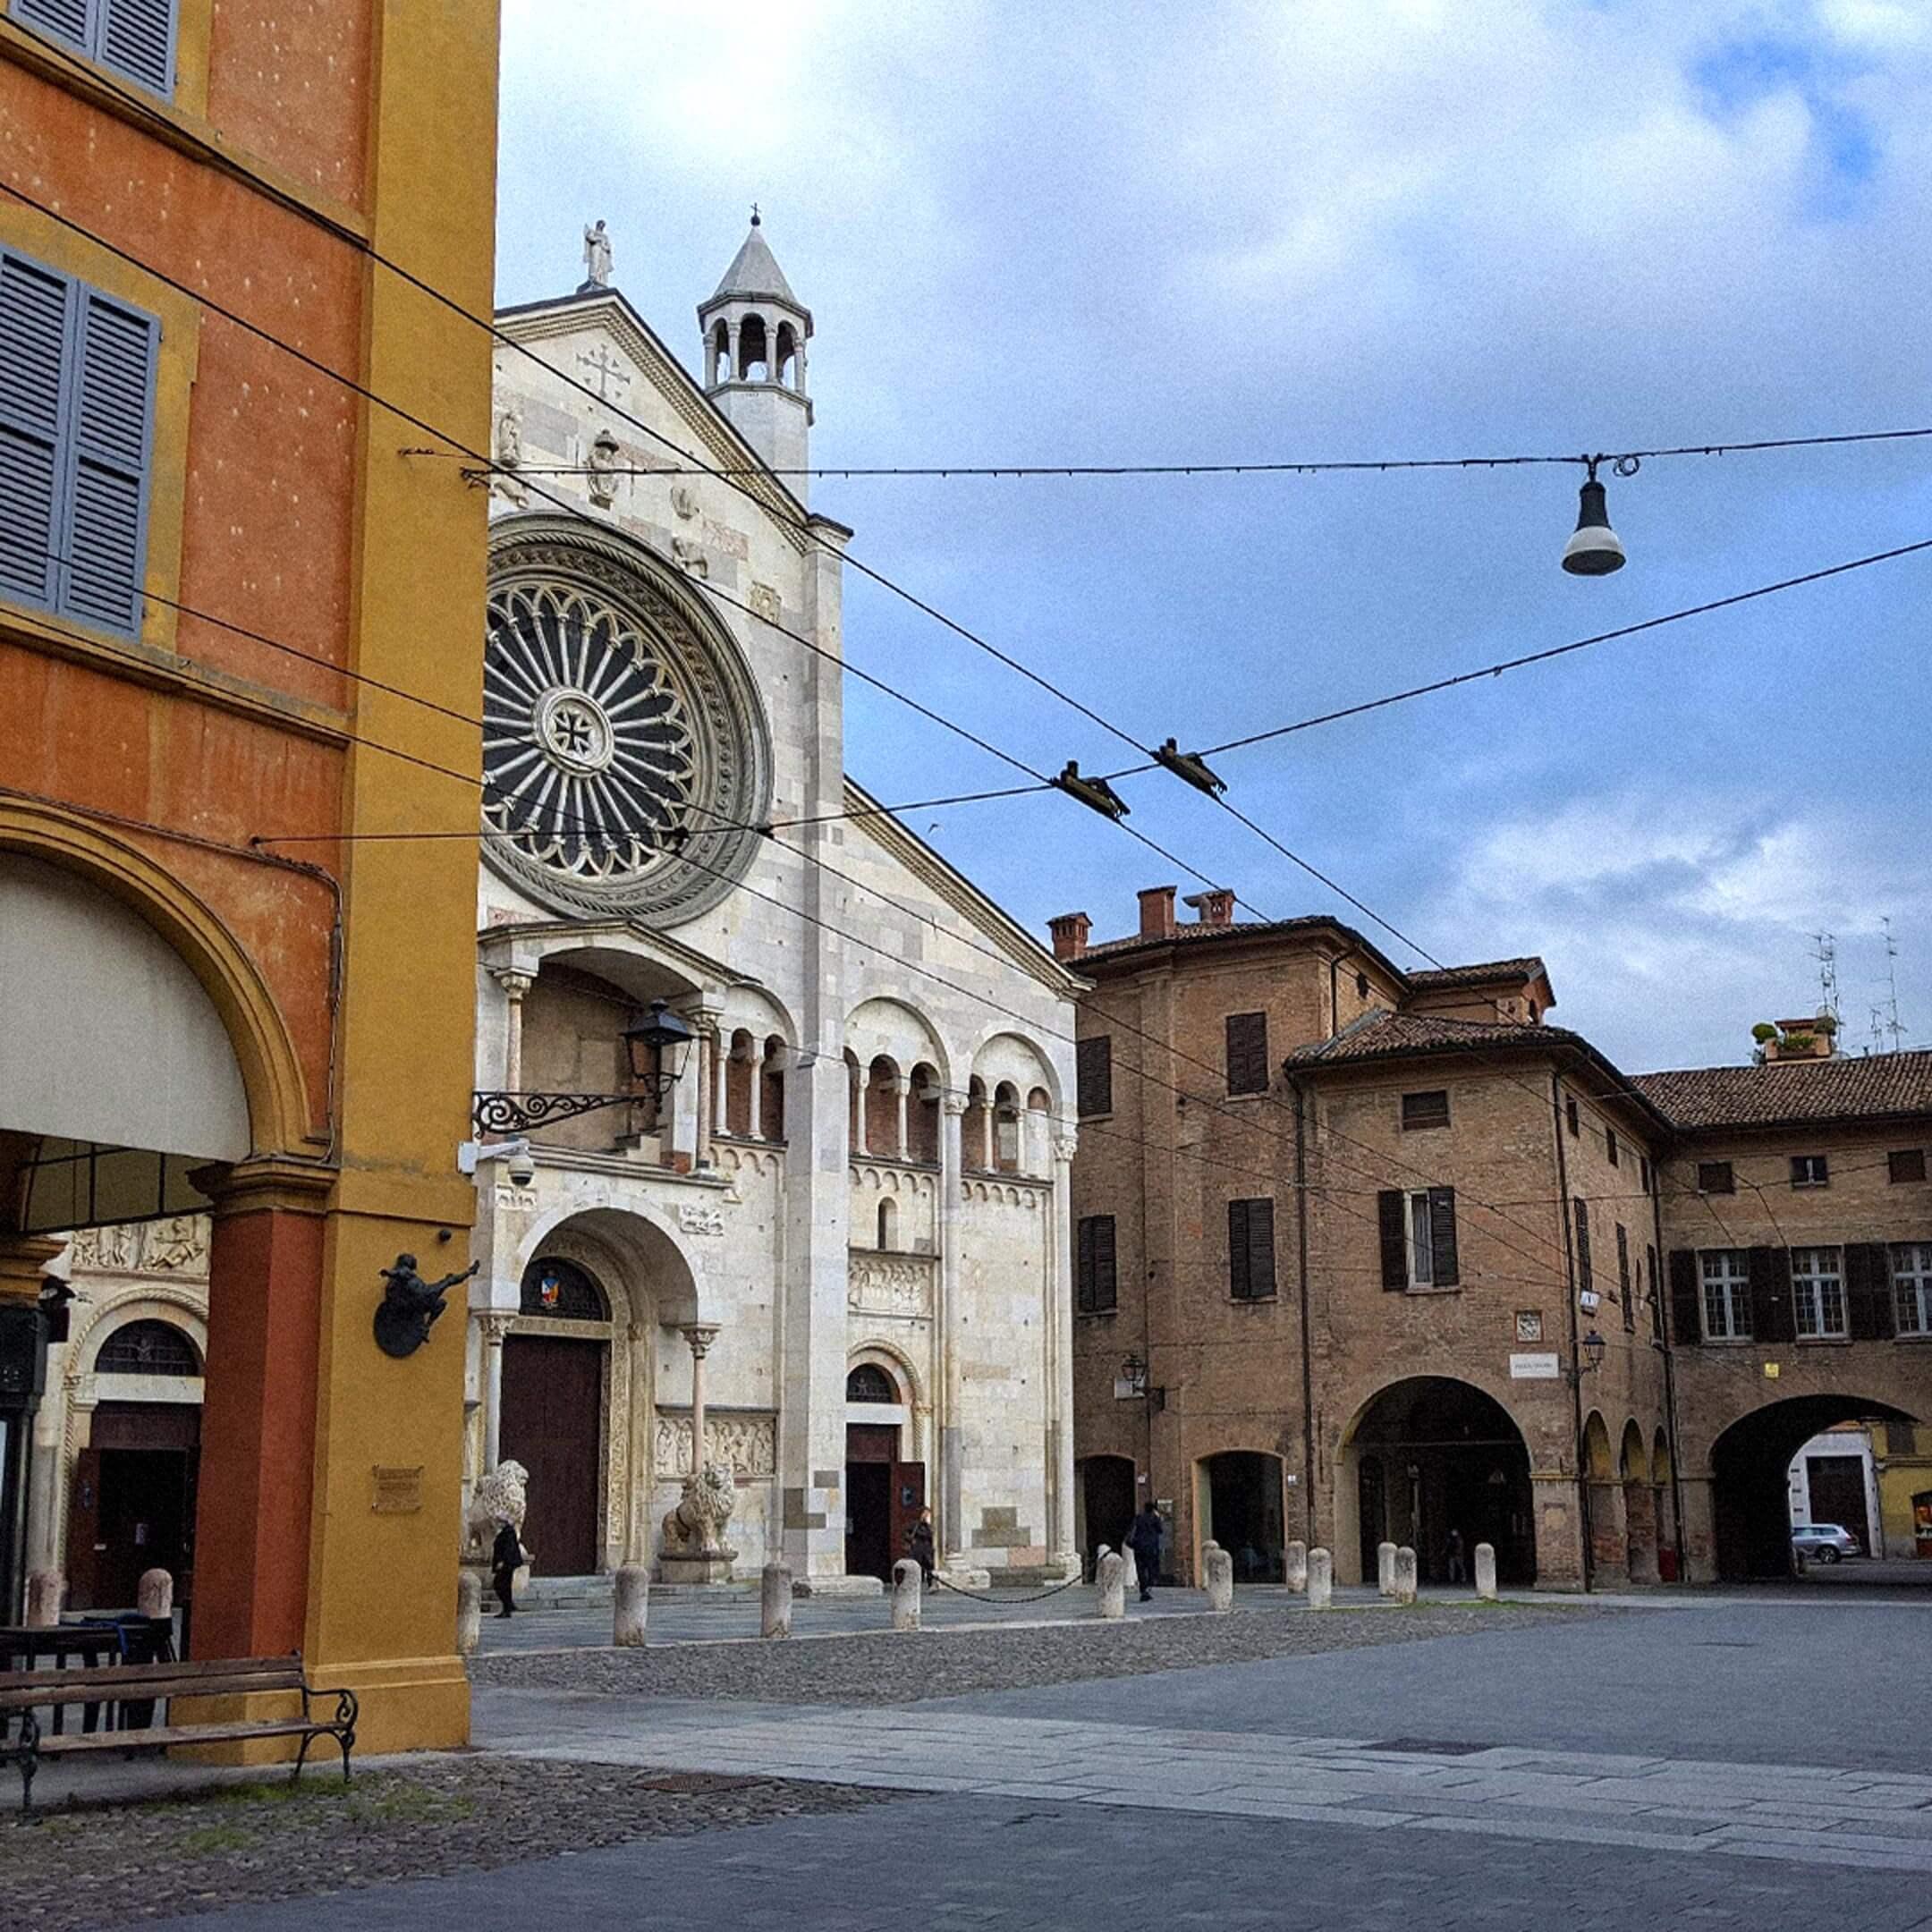 Собор Дуомо вМодене, главная достопримечательность города, вокруг которой всегда толпились туристы. Фото: Виктория Кокарева